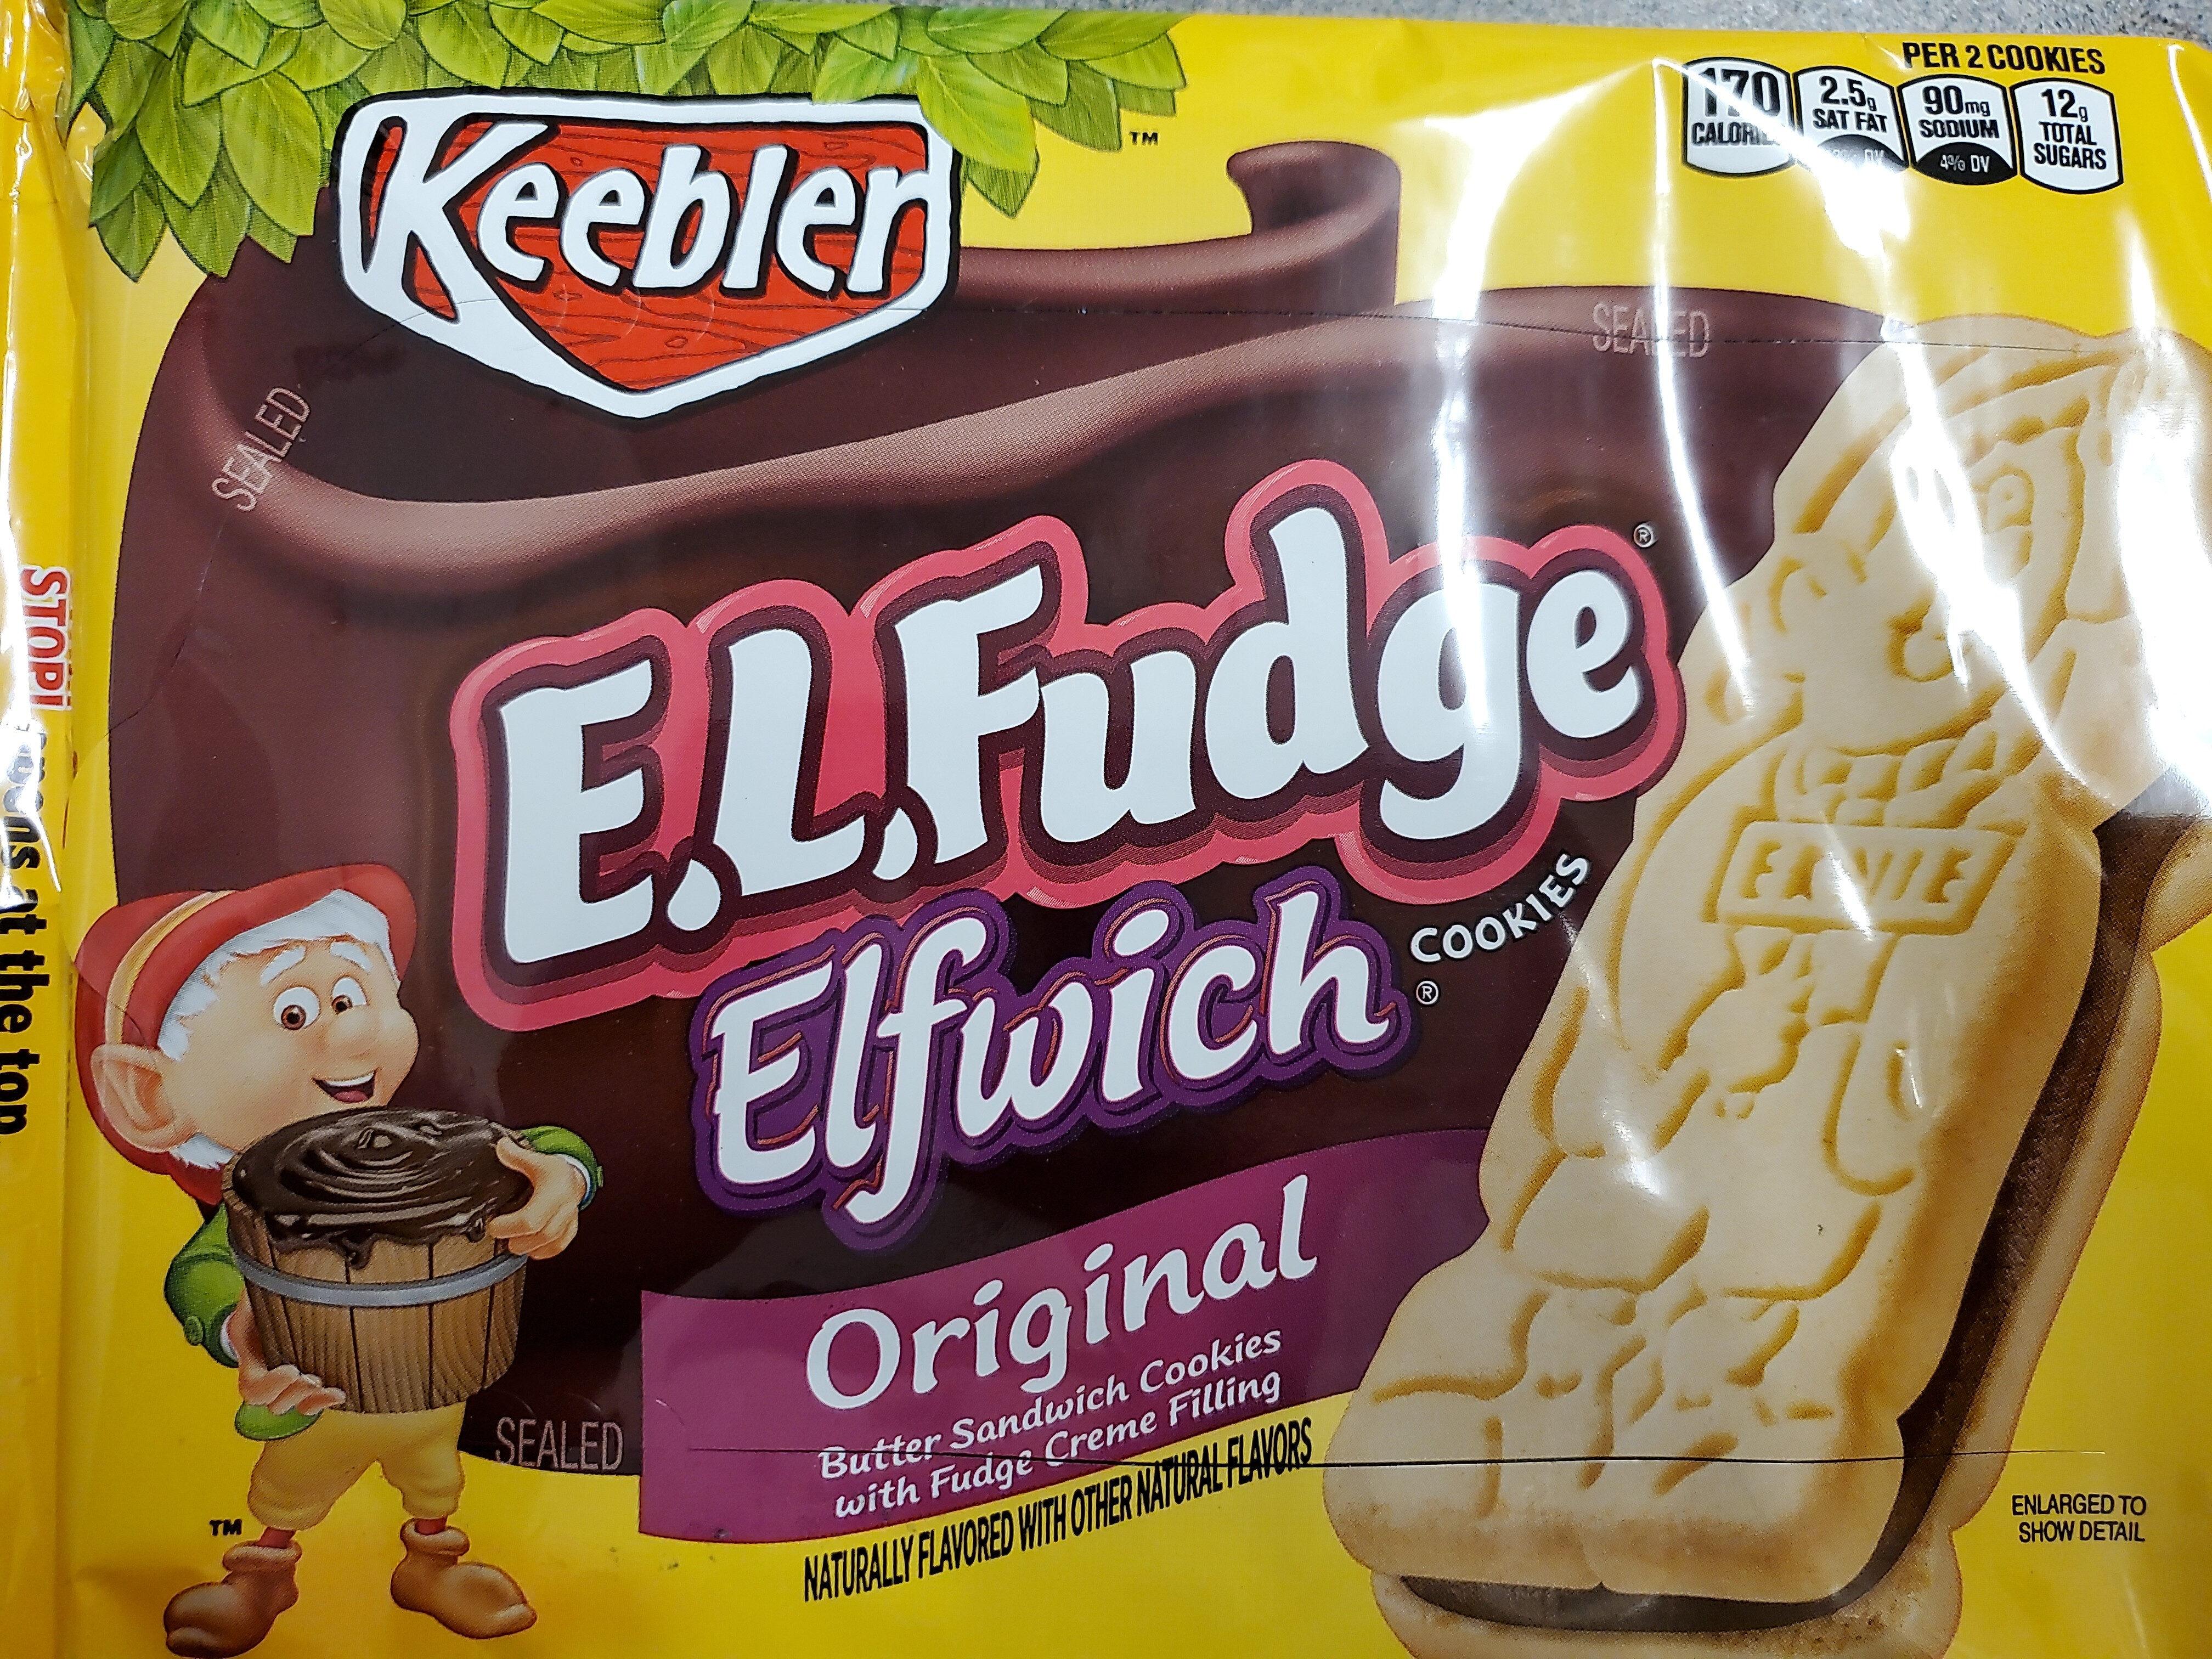 Keebler, e.l.fudge, elfwich butter sandwich cookies, original - Product - en